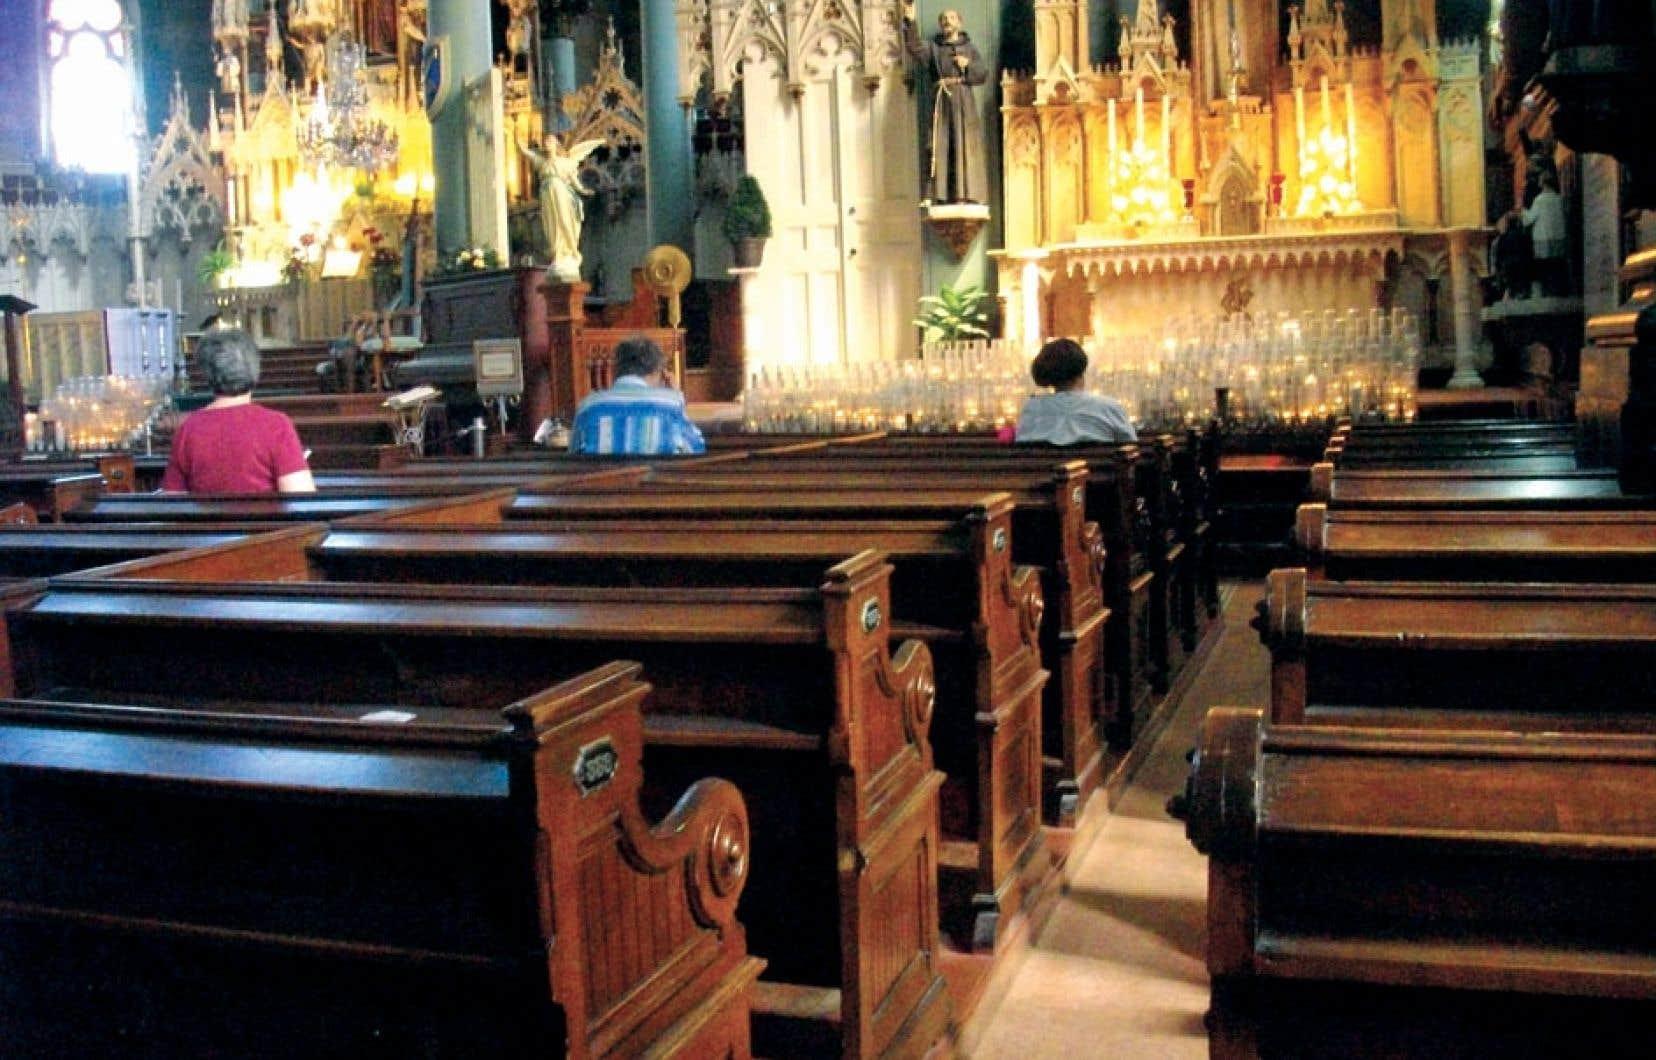 Les Québécois sont de moins en moins présents dans les Églises. La majorité affirment ne les fréquenter que lors d'occasions spéciales, comme des mariages ou des funérailles.